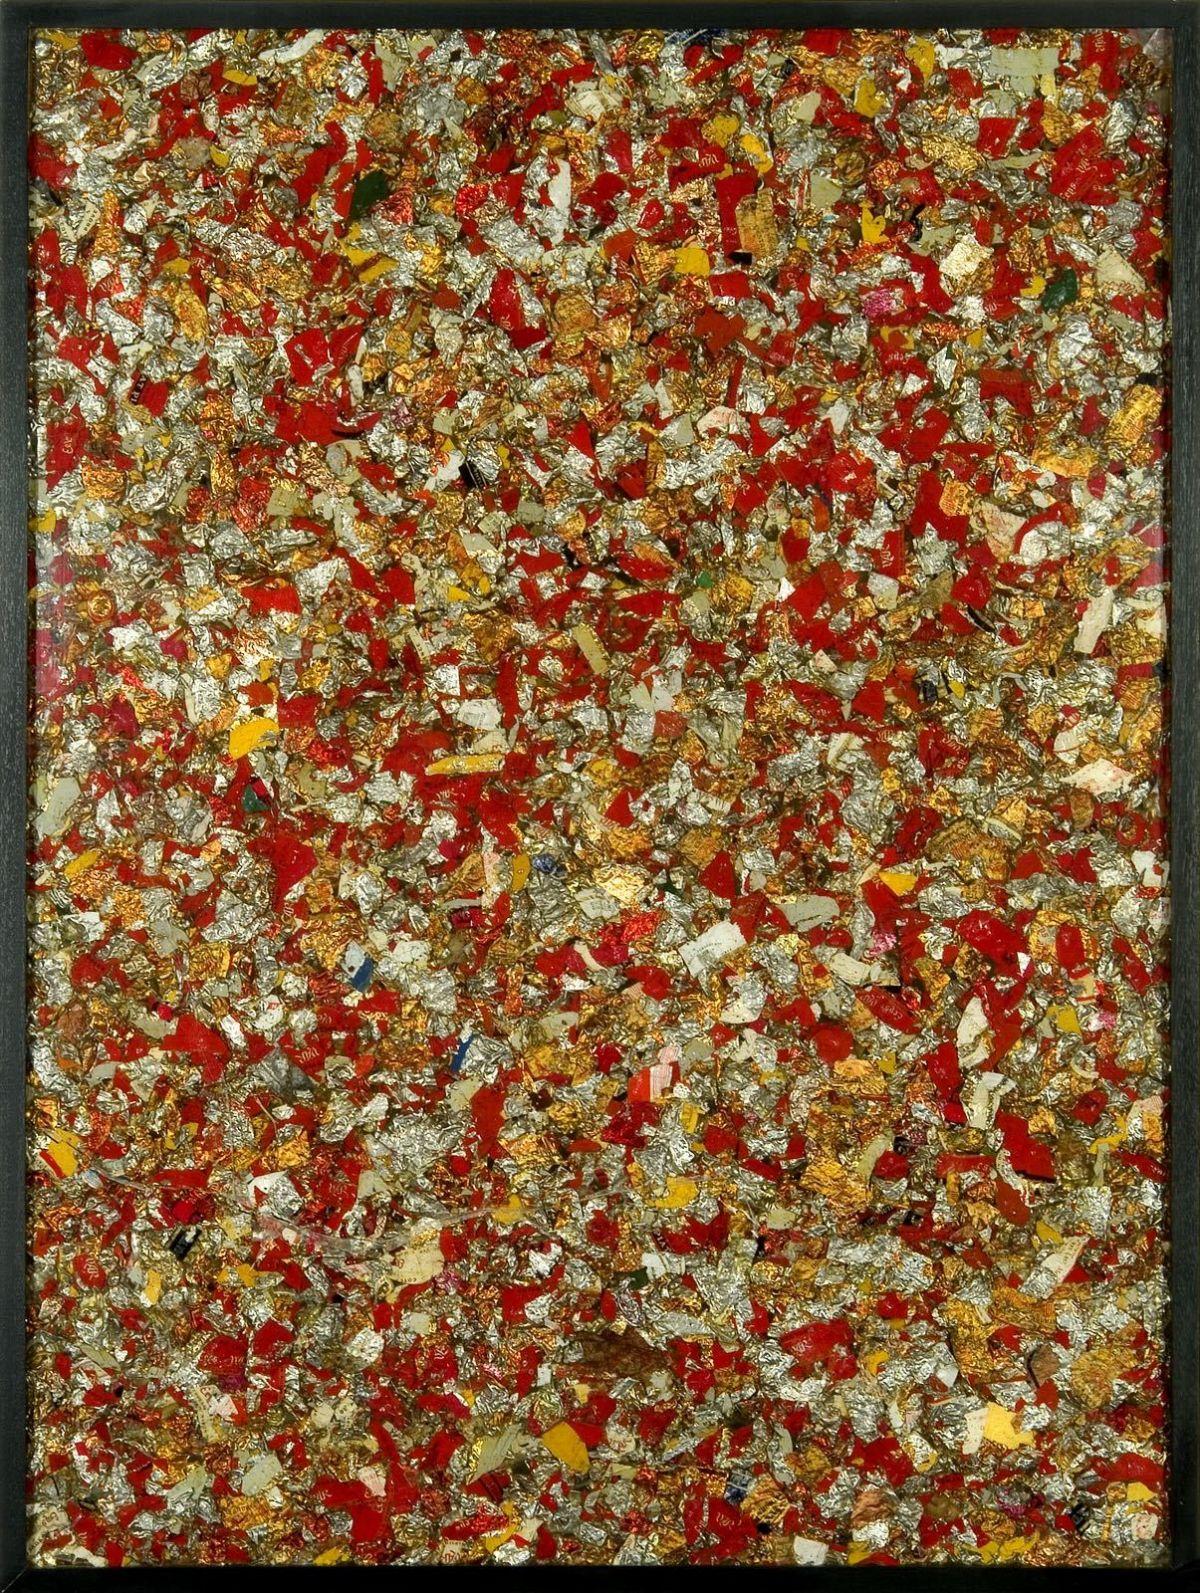 Arman, Quand le vin est tiré, 1963 Collectie S.M.A.K., Stedelijk Museum voor Actuele Kunst, Gent Photo: Dirk Pauwels